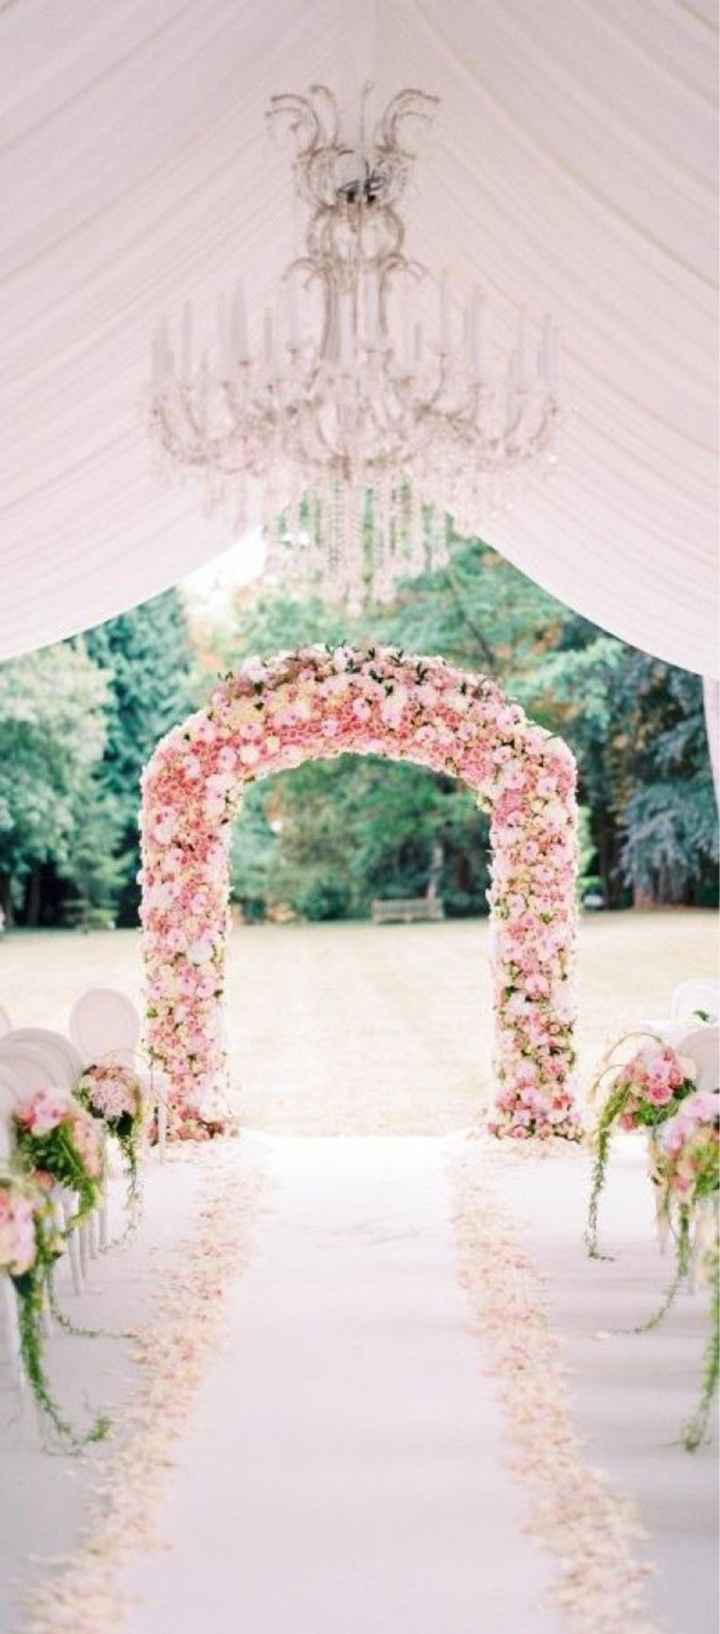 Mariage thème blanc touche de rose - 2